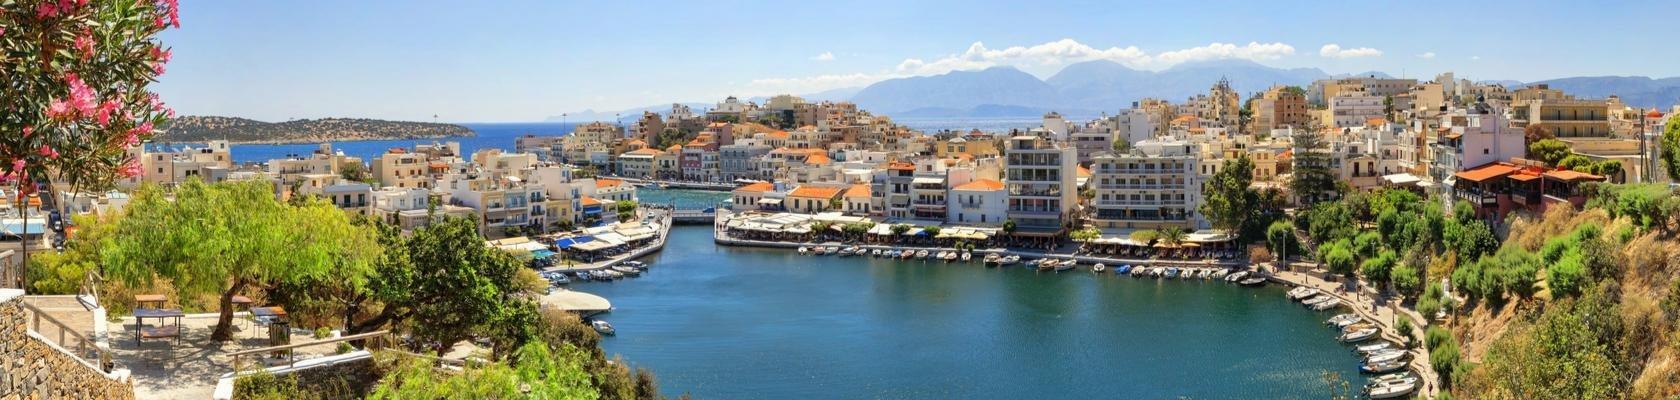 De haven van Agios Nikolaos